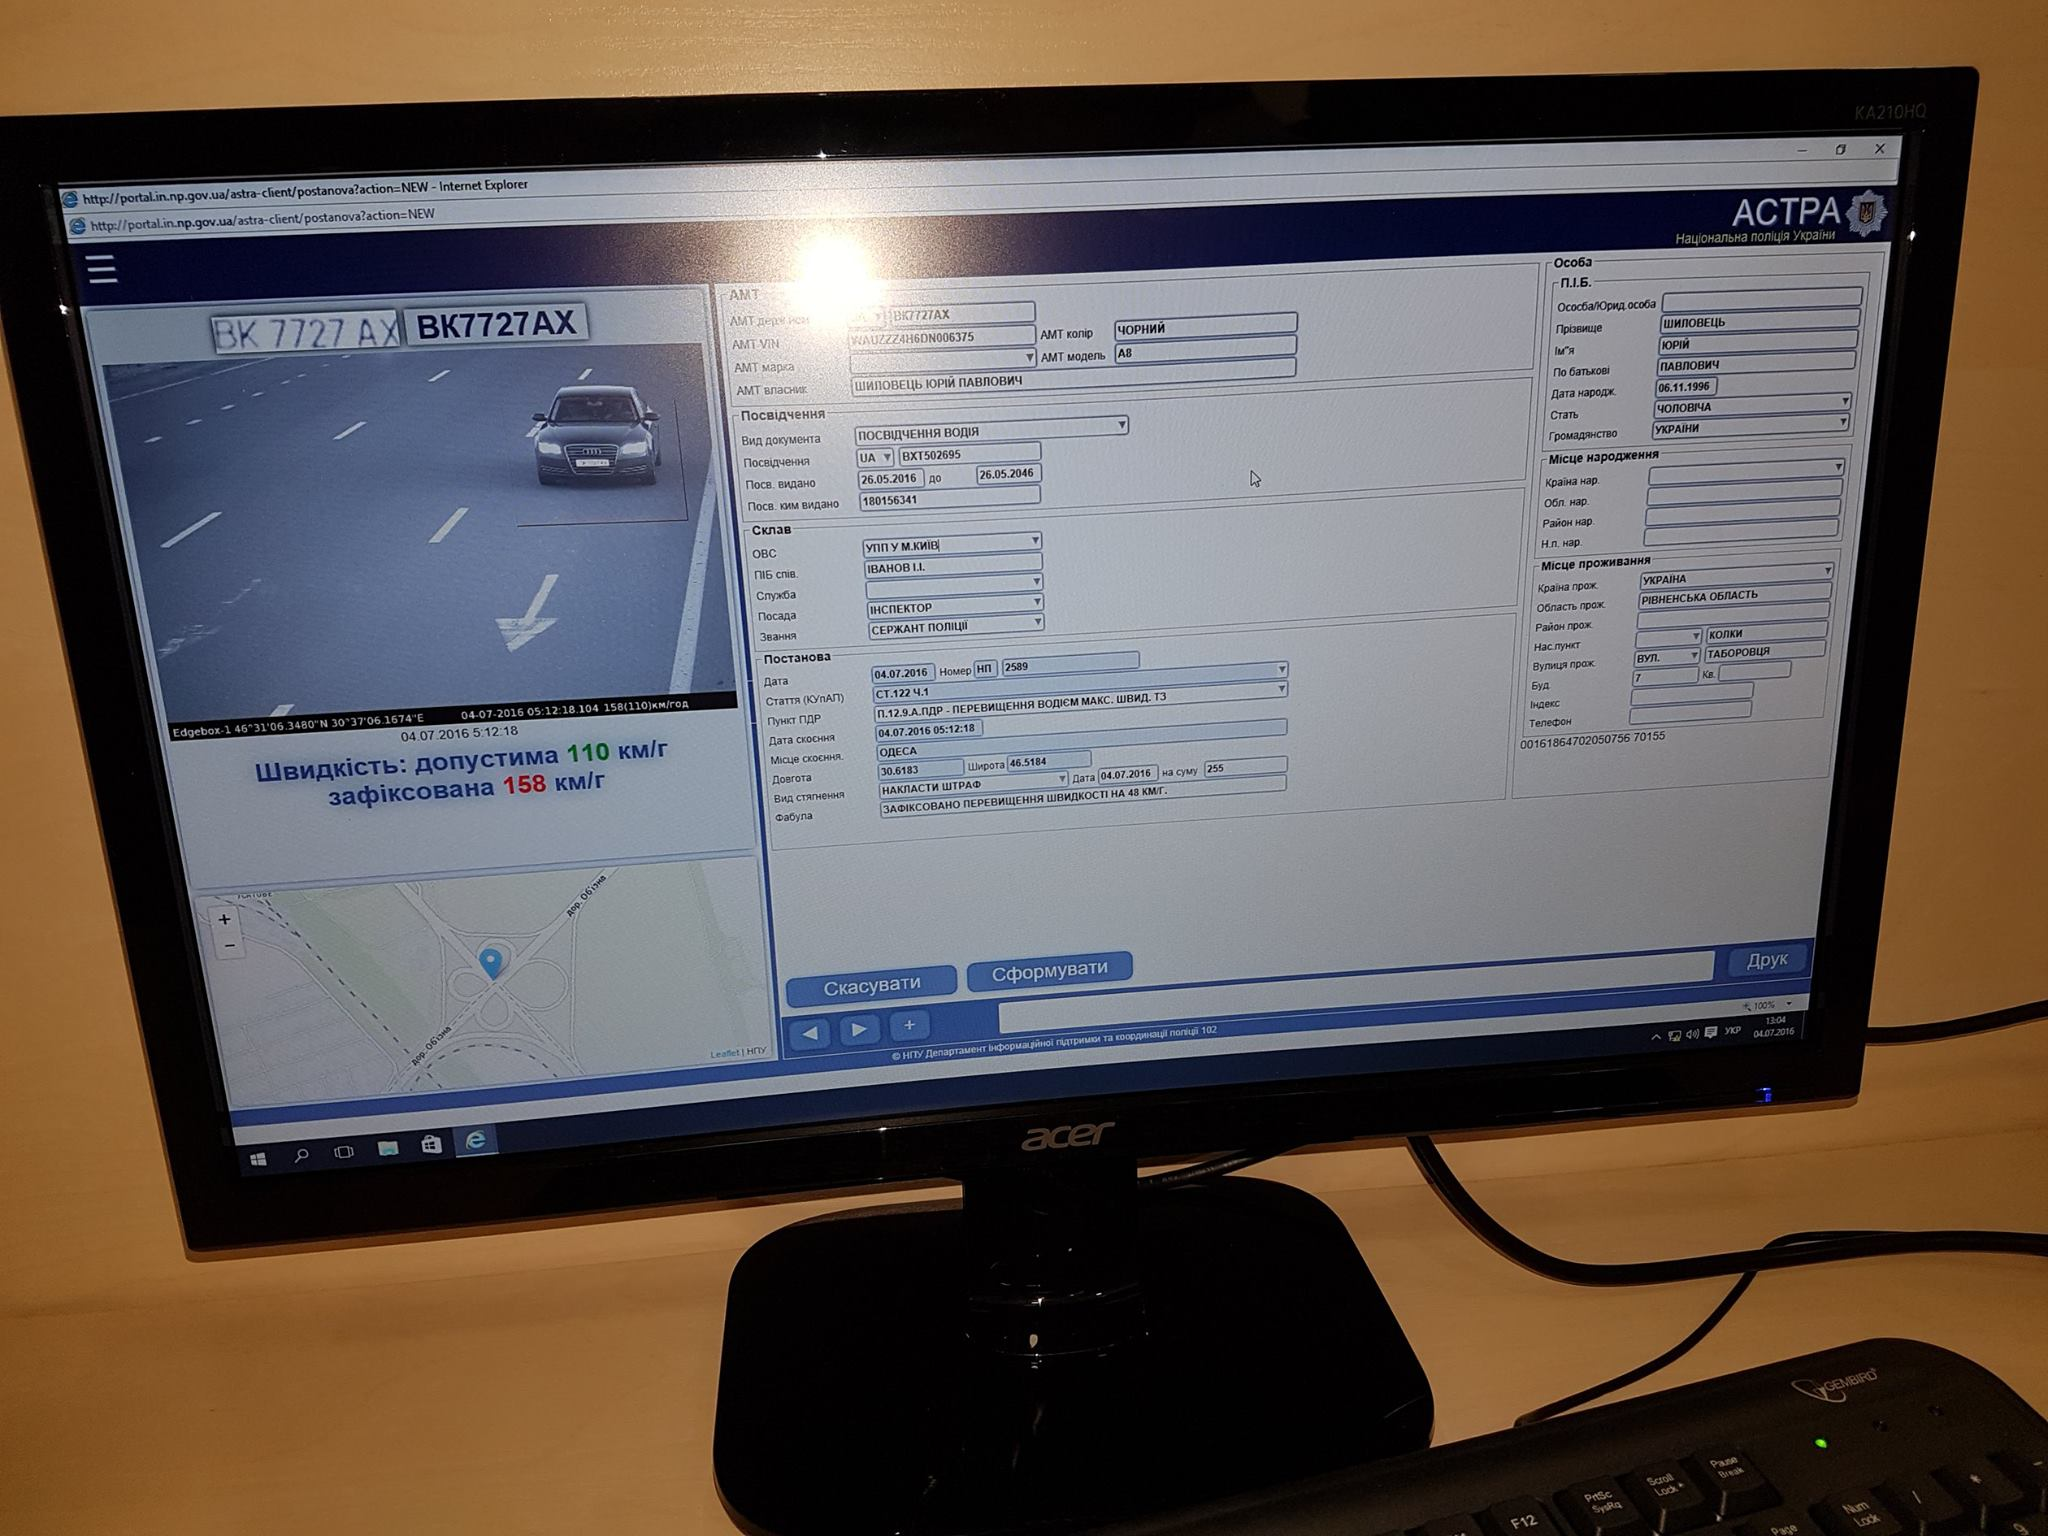 Тестовый режим: камеры зафиксировали нарушителя, едущего на скорости 158 км/ч 1